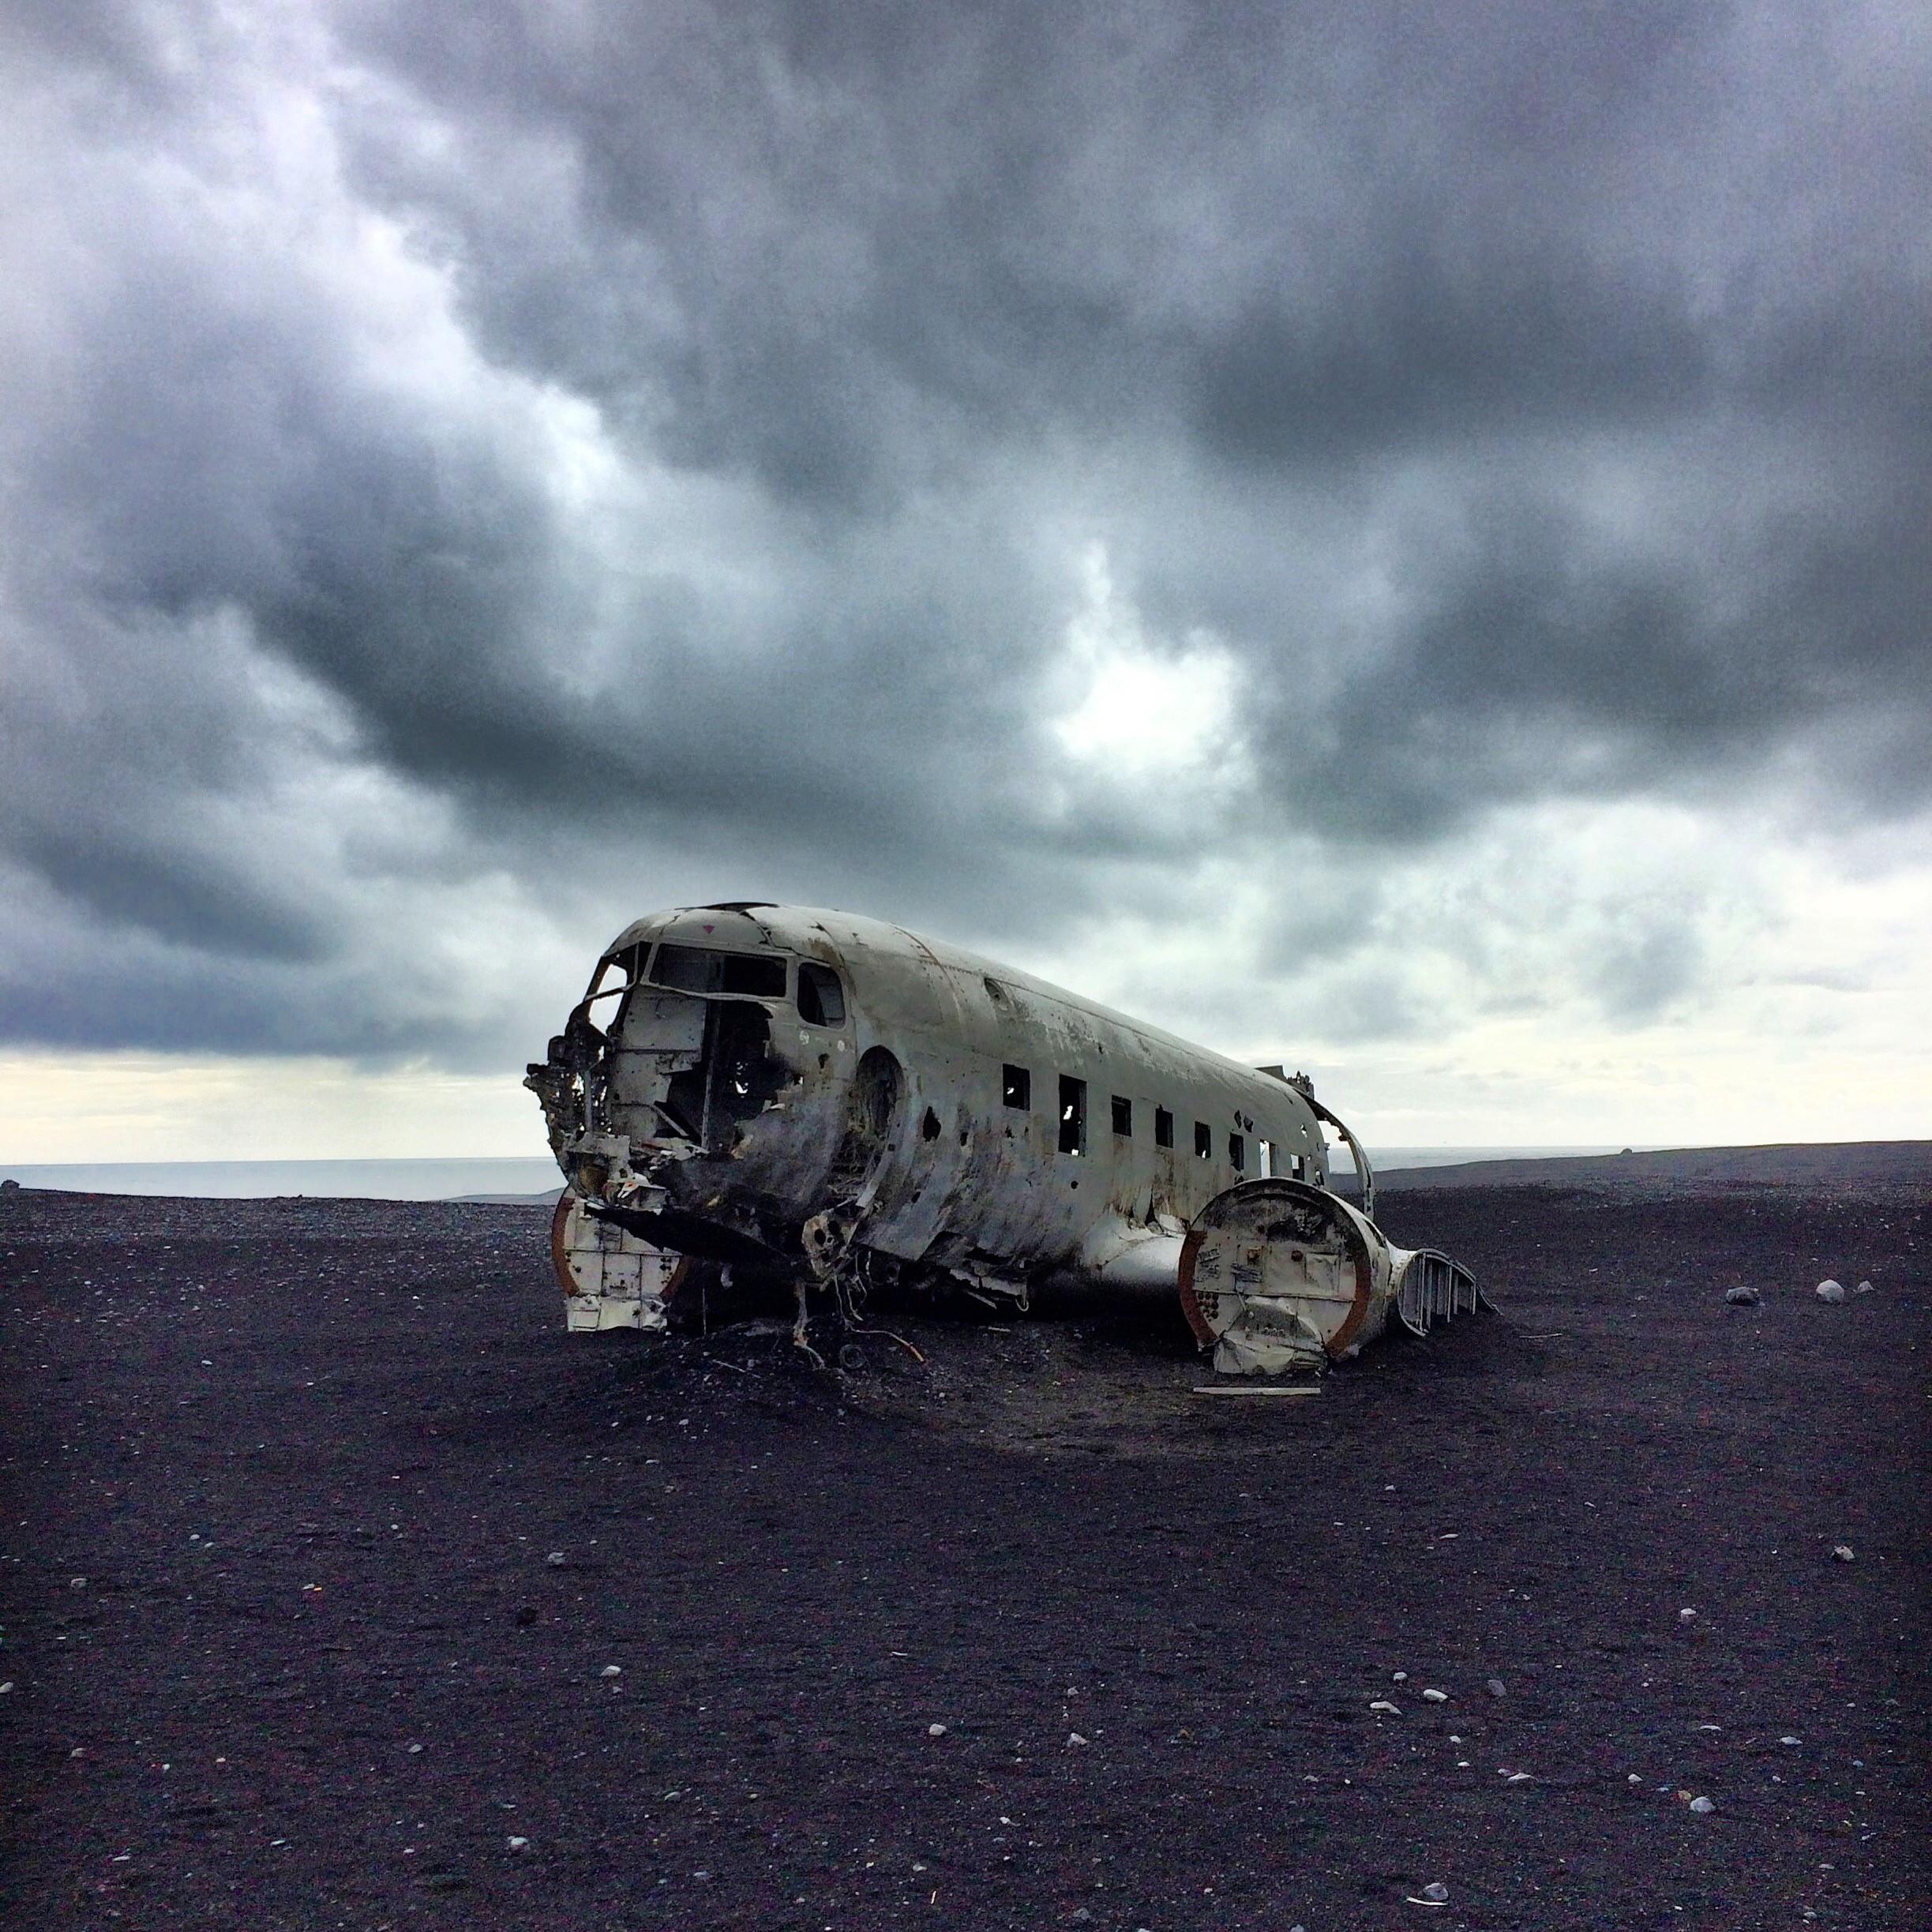 plane-crash-iceland